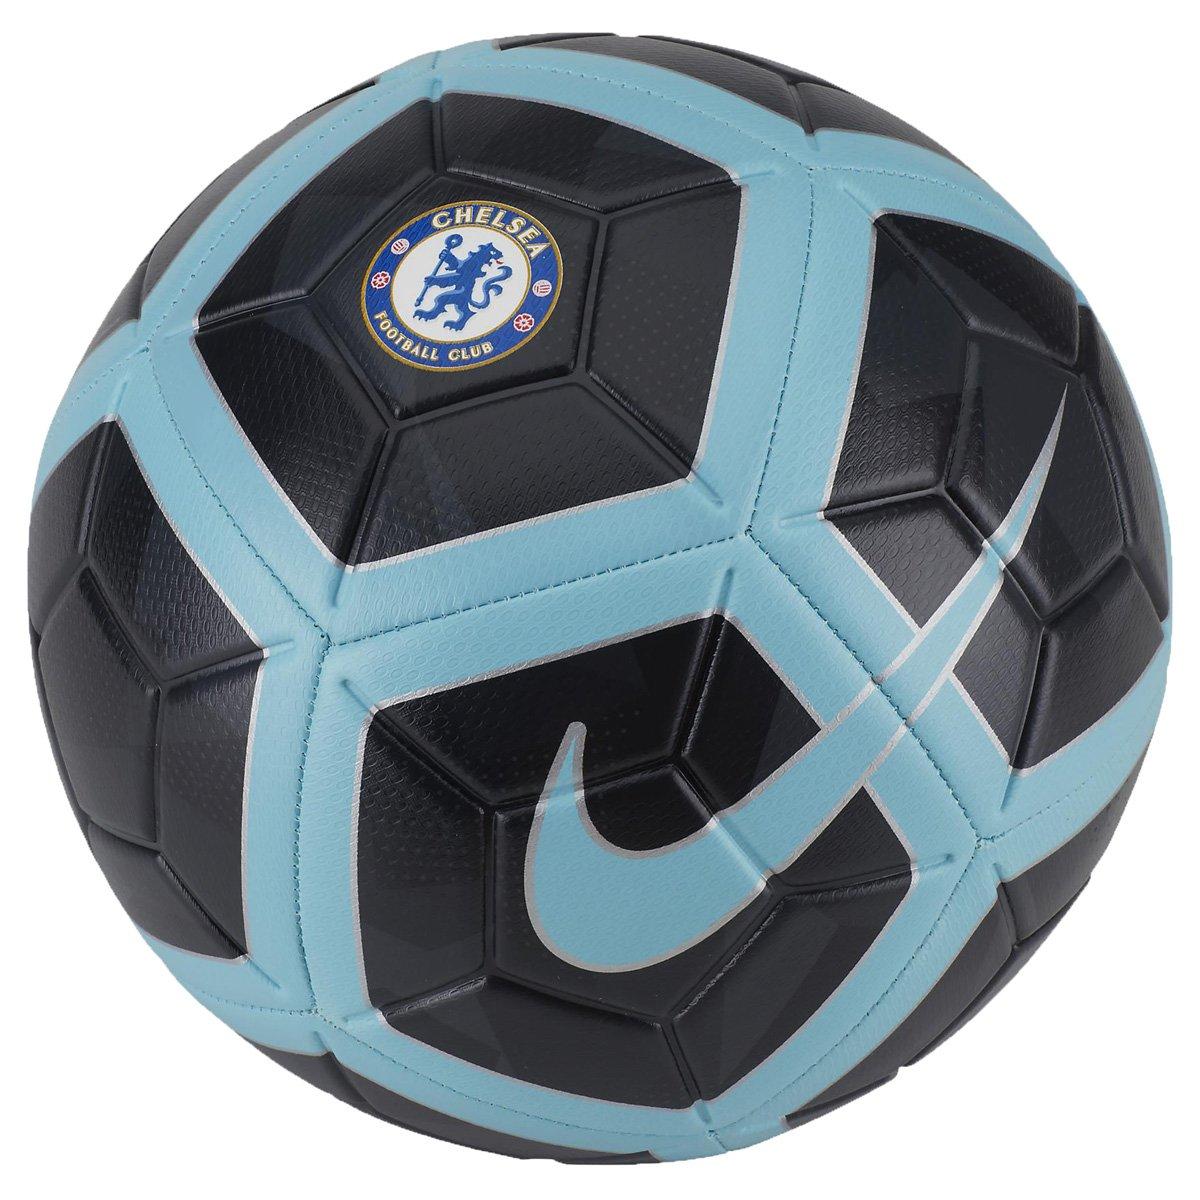 28be671ca2 Bola Campo Nike Chelsea F.C. Strike SC3279-060 - - Calçados Online ...